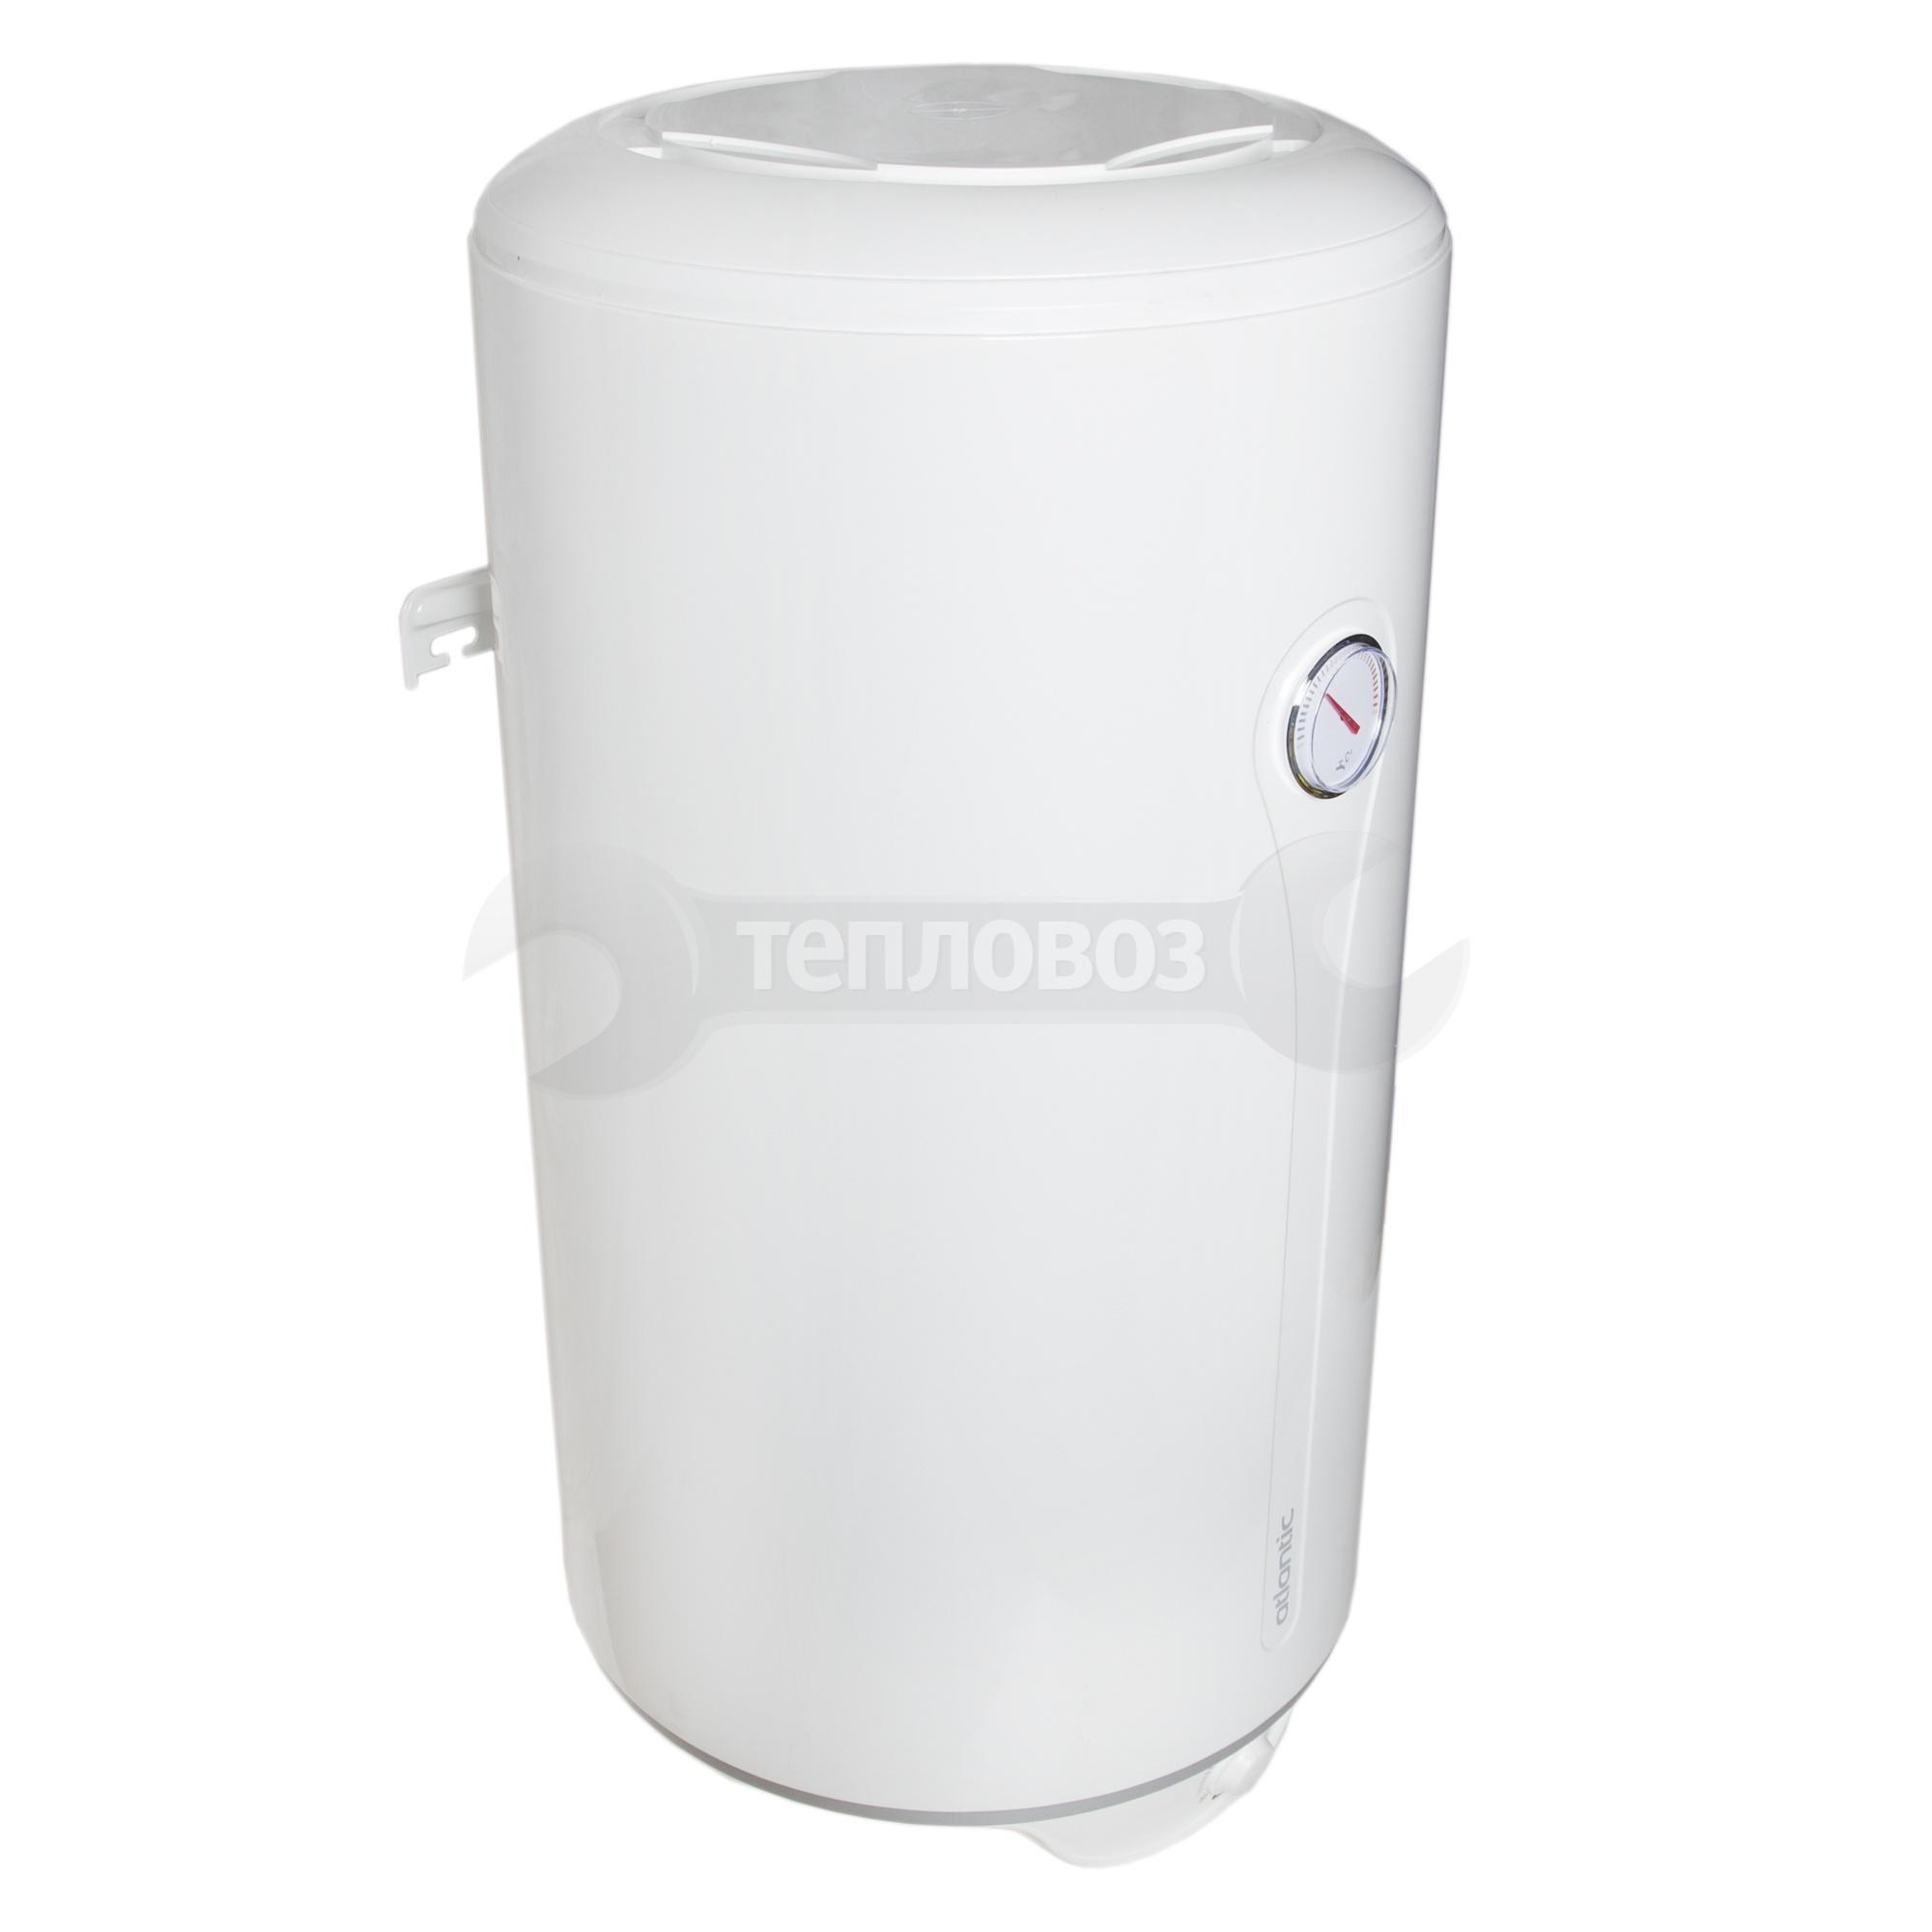 Купить Atlantic CWH 080 D400-2-B, 80 л, настенный в интернет-магазине Дождь